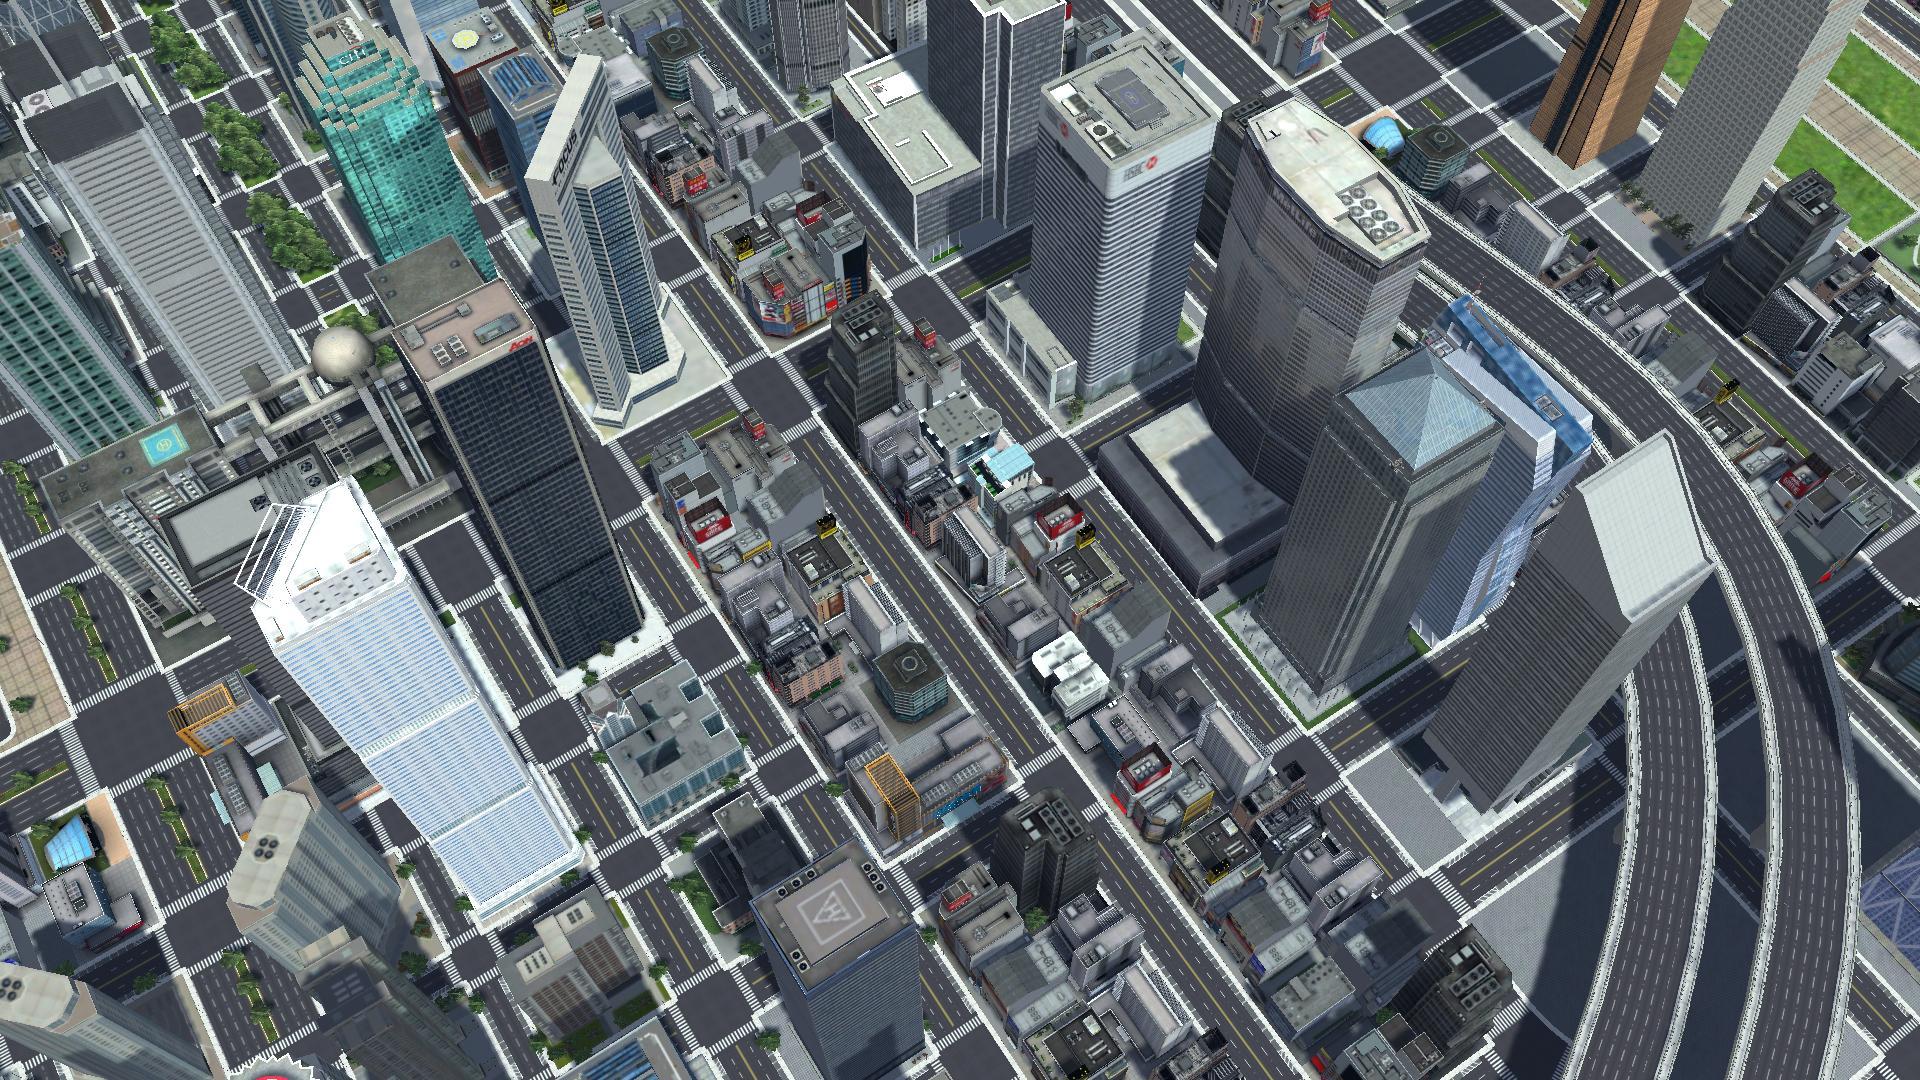 CitiesXL_2012 2014-11-06 01-52-27-21.jpg